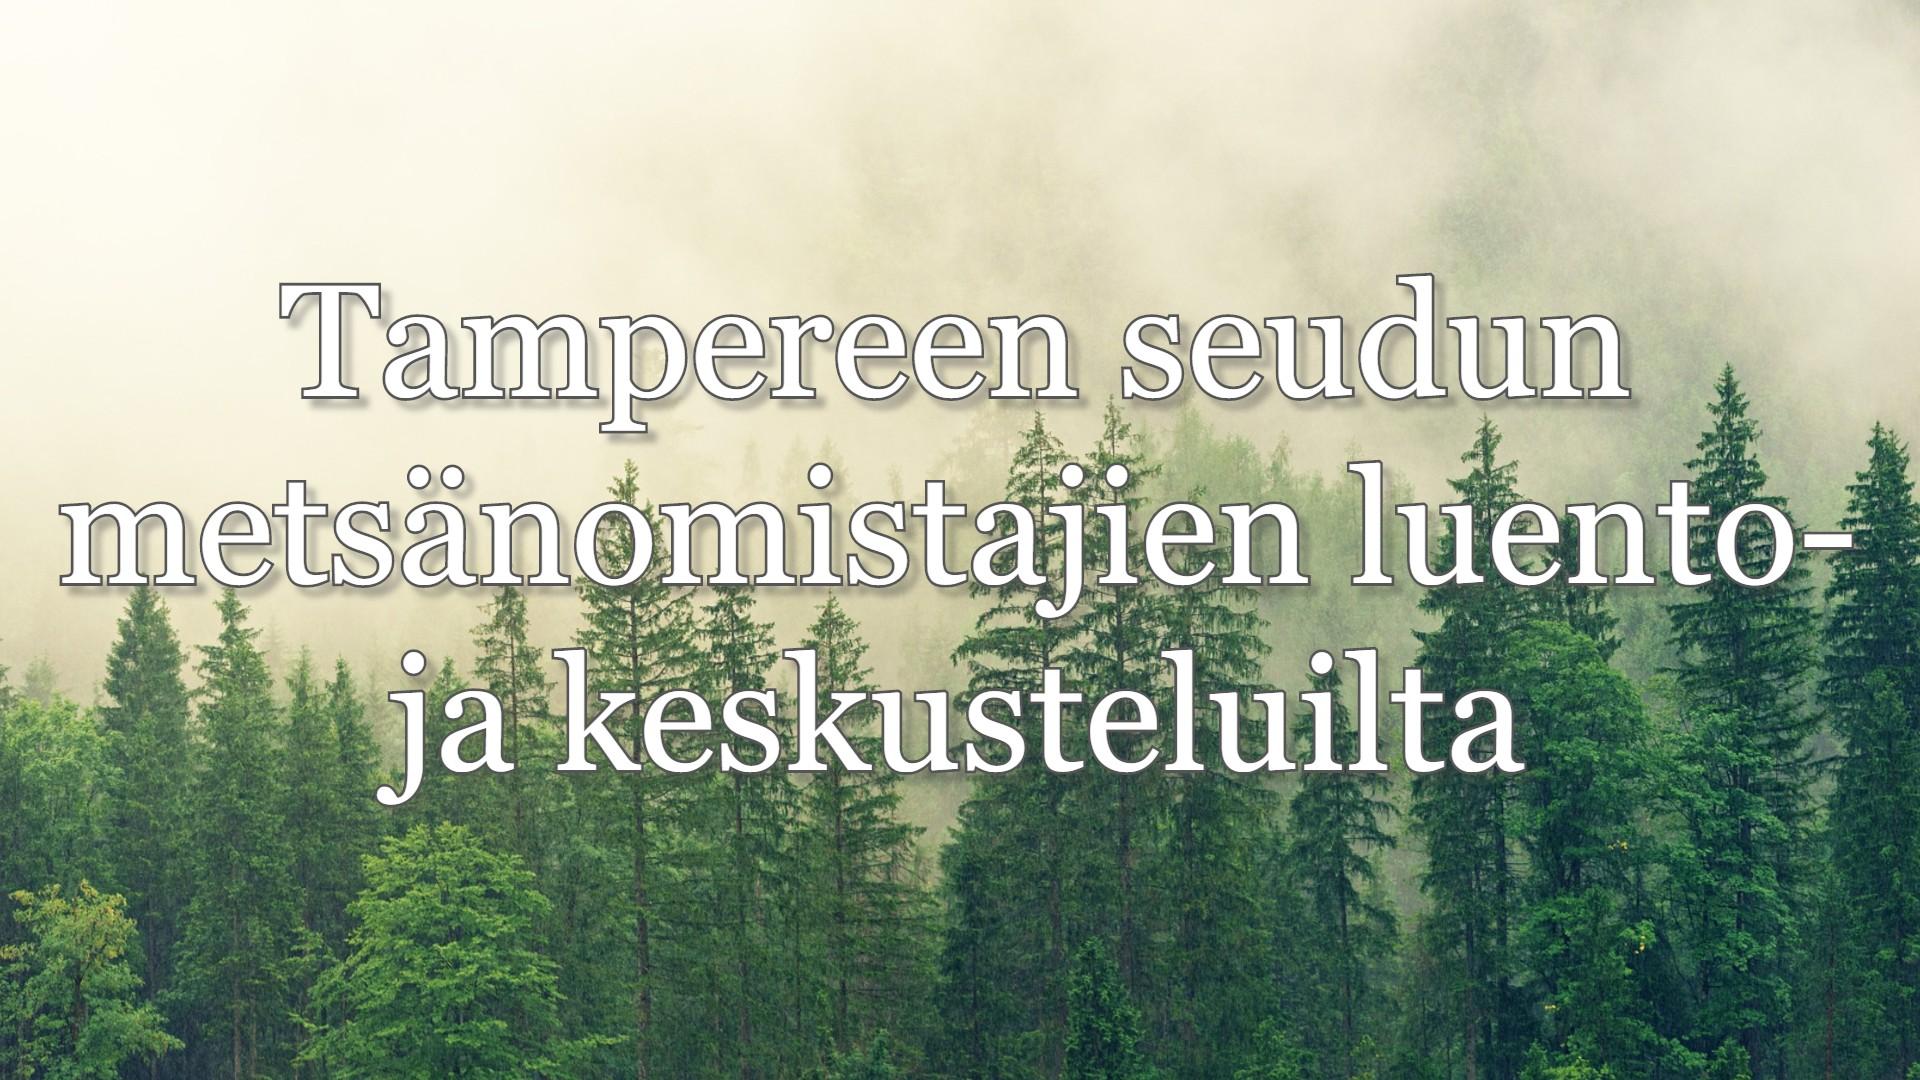 Tampereen Seudun Metsänomistajien luento- ja keskusteluilta